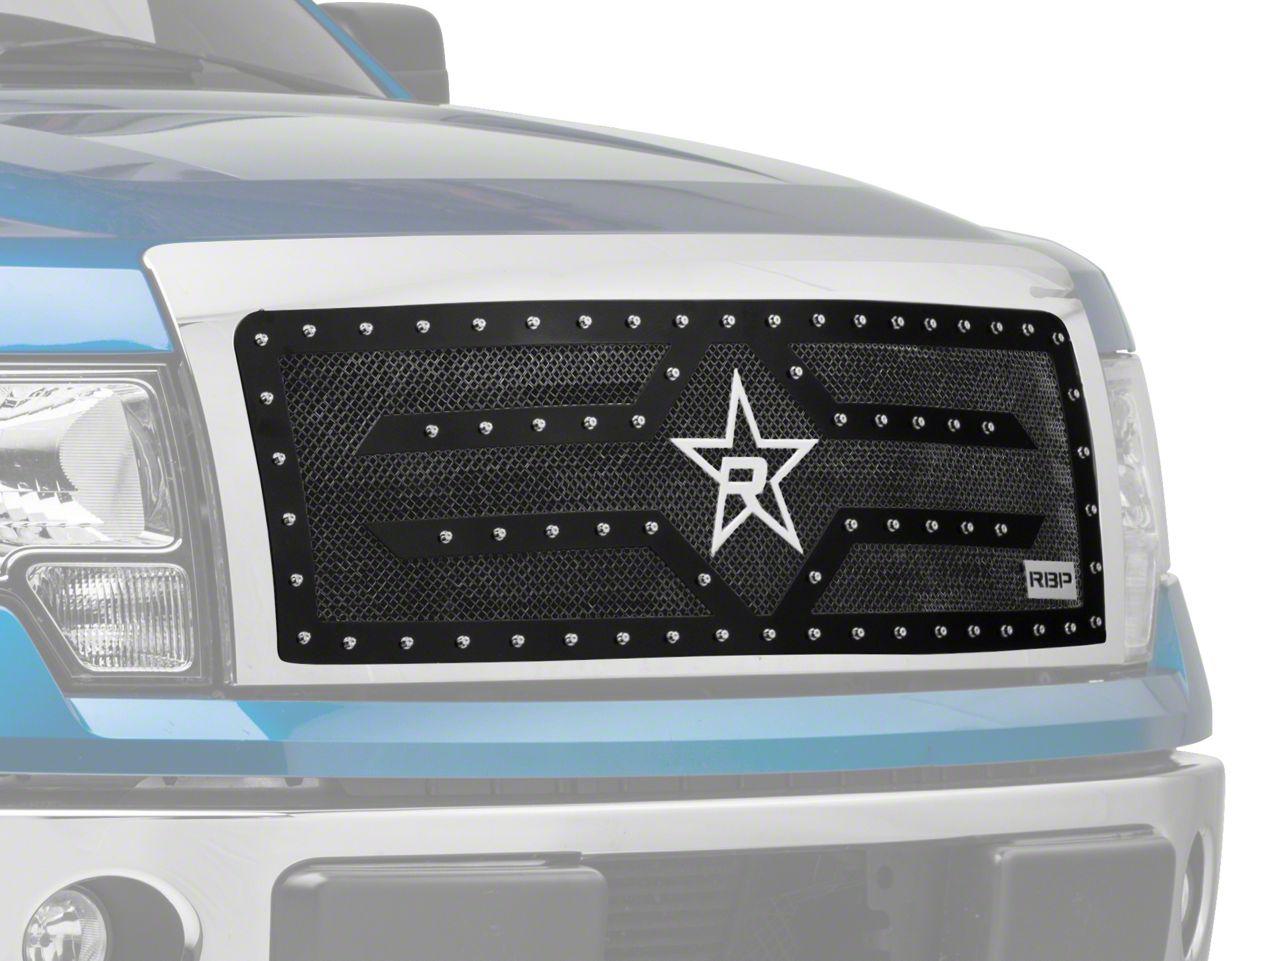 RBP RX-2 Series Studded Frame Upper Grille Insert - Black (09-14 F-150, Excluding Harley Davidson & Raptor)